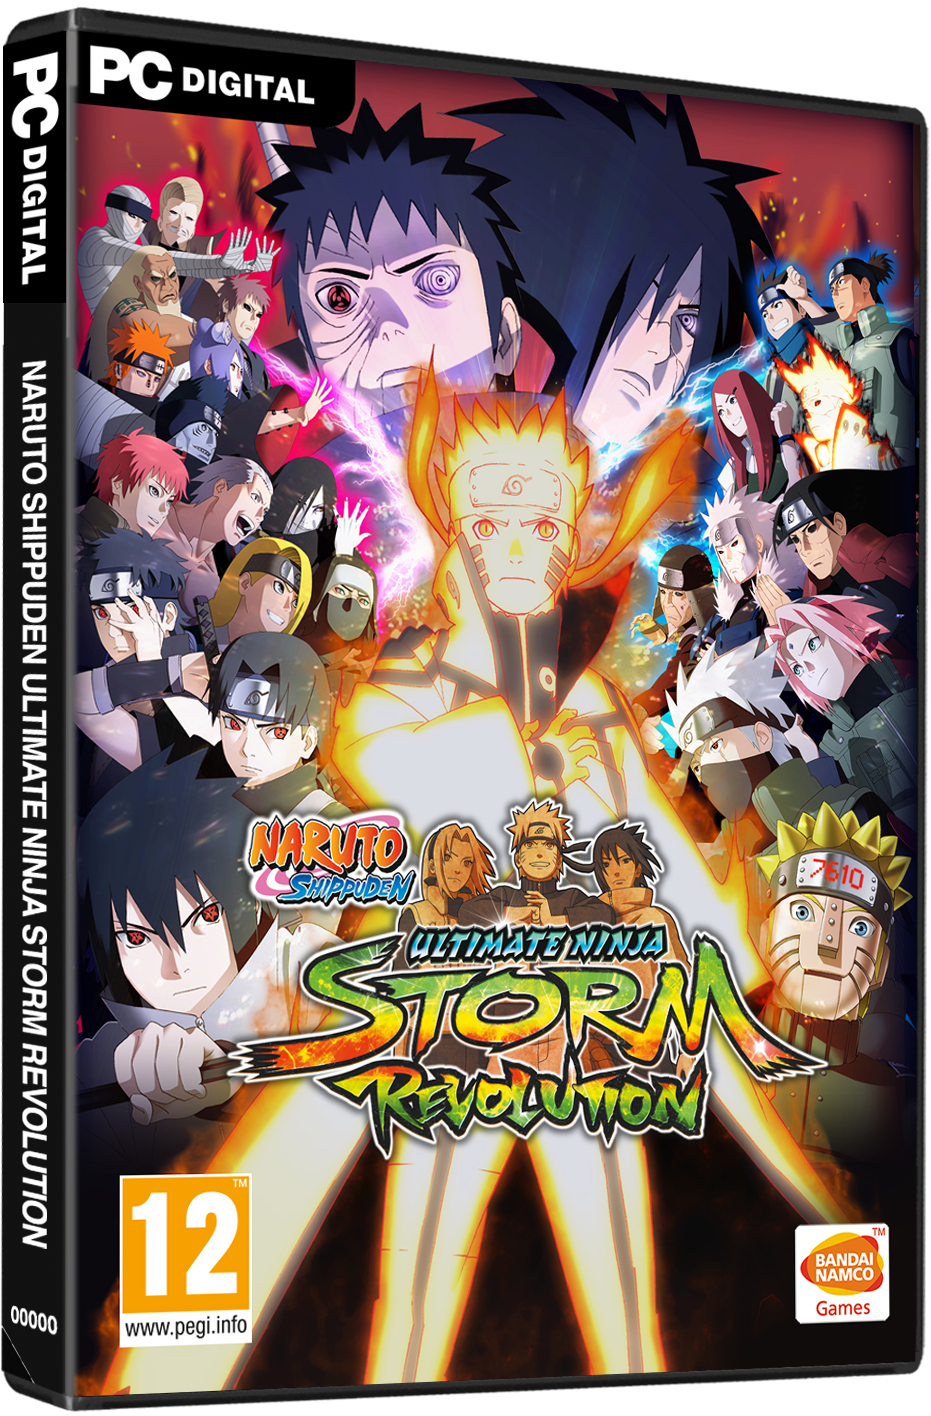 how to play naruto ultimate ninja storm 3 on pc